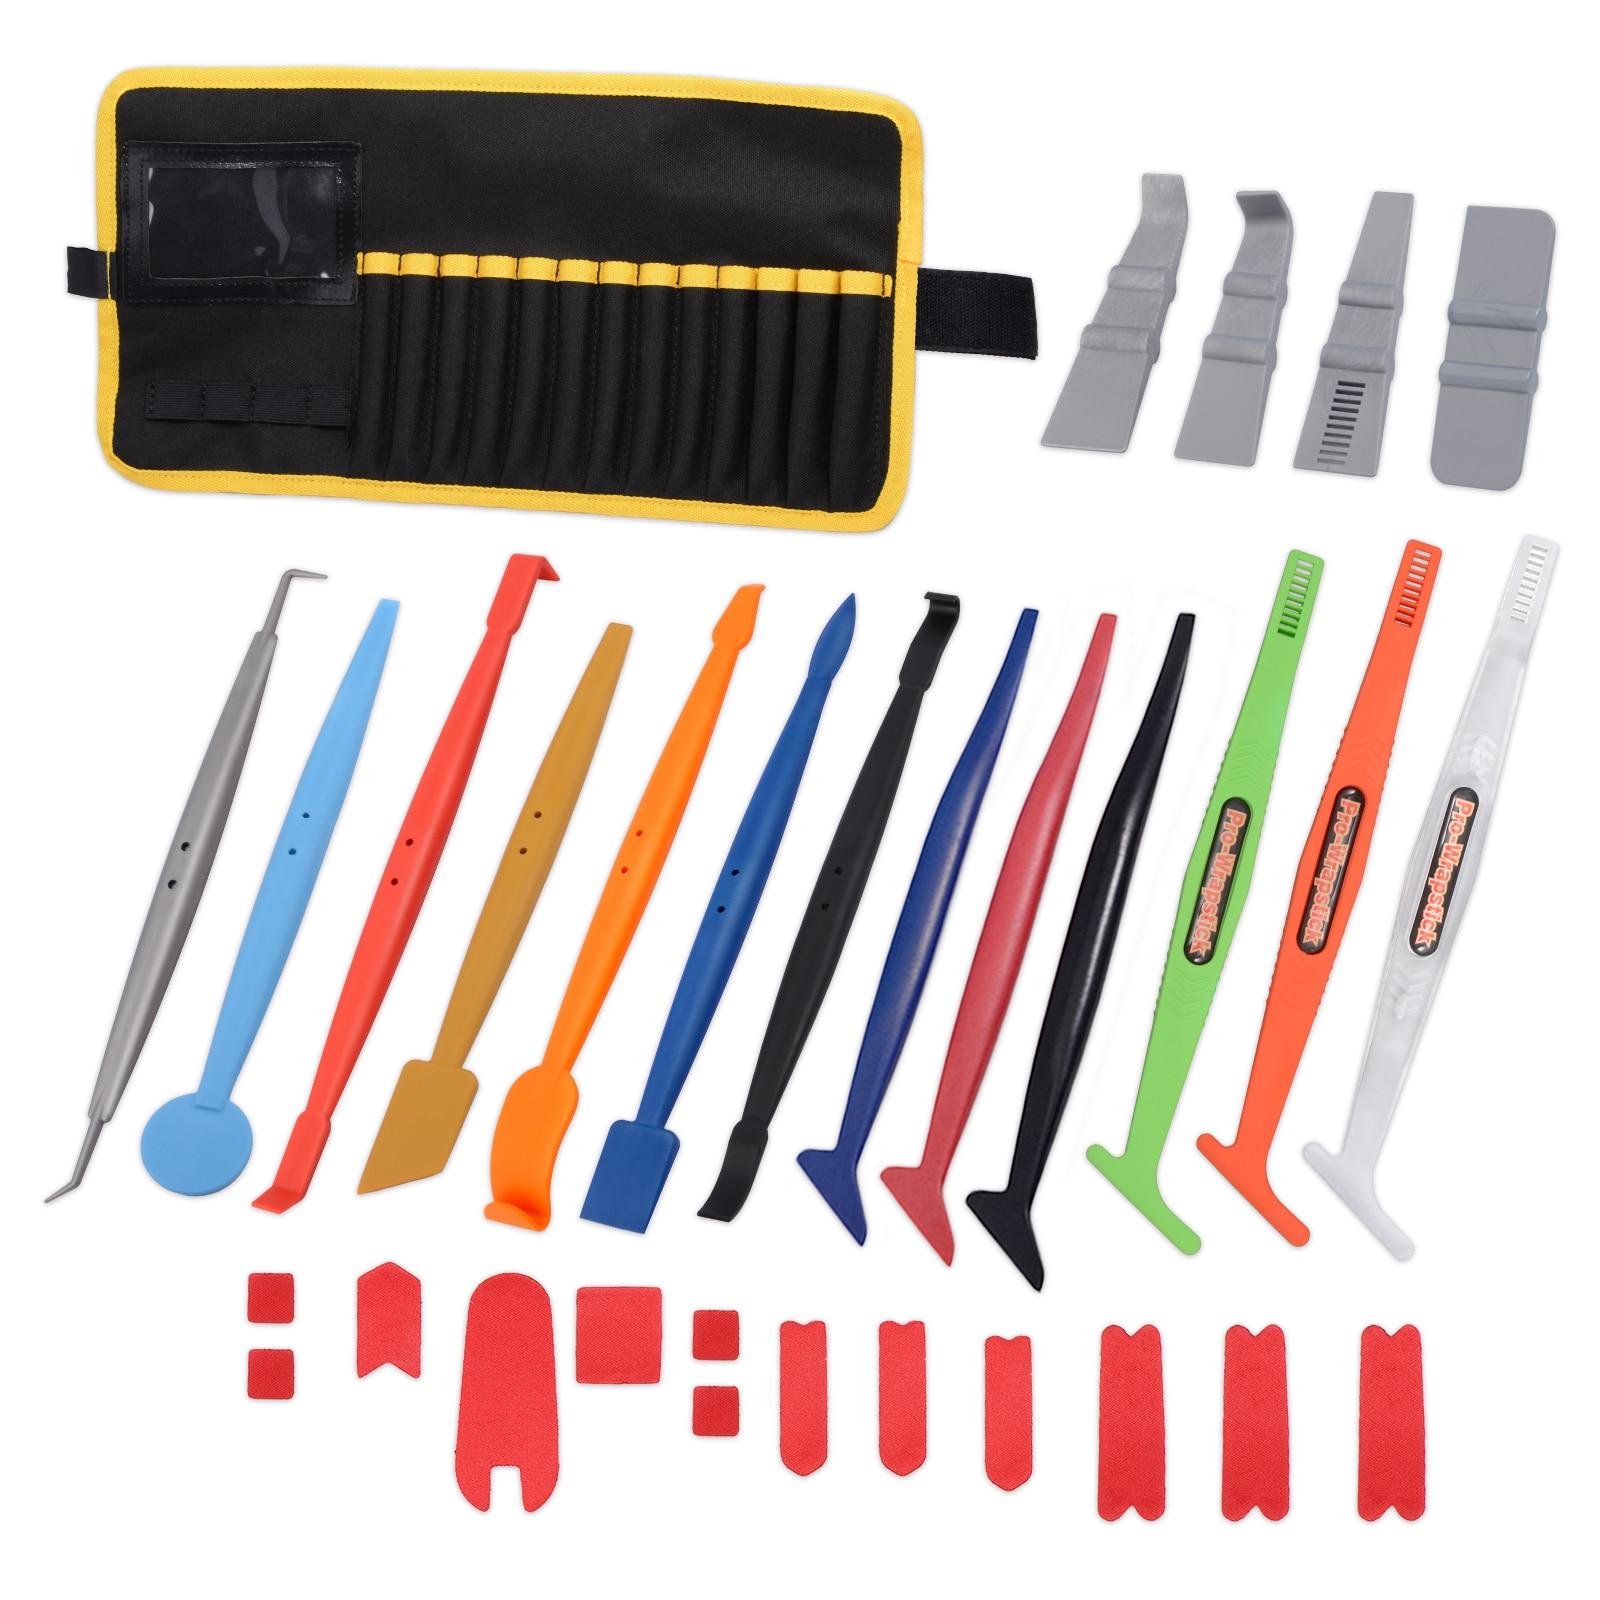 Ehdis 31 pçs vinil filme carro envoltório etiqueta raspador ímã rodo kit com saco saco janela matiz ferramenta acessórios de automóvel